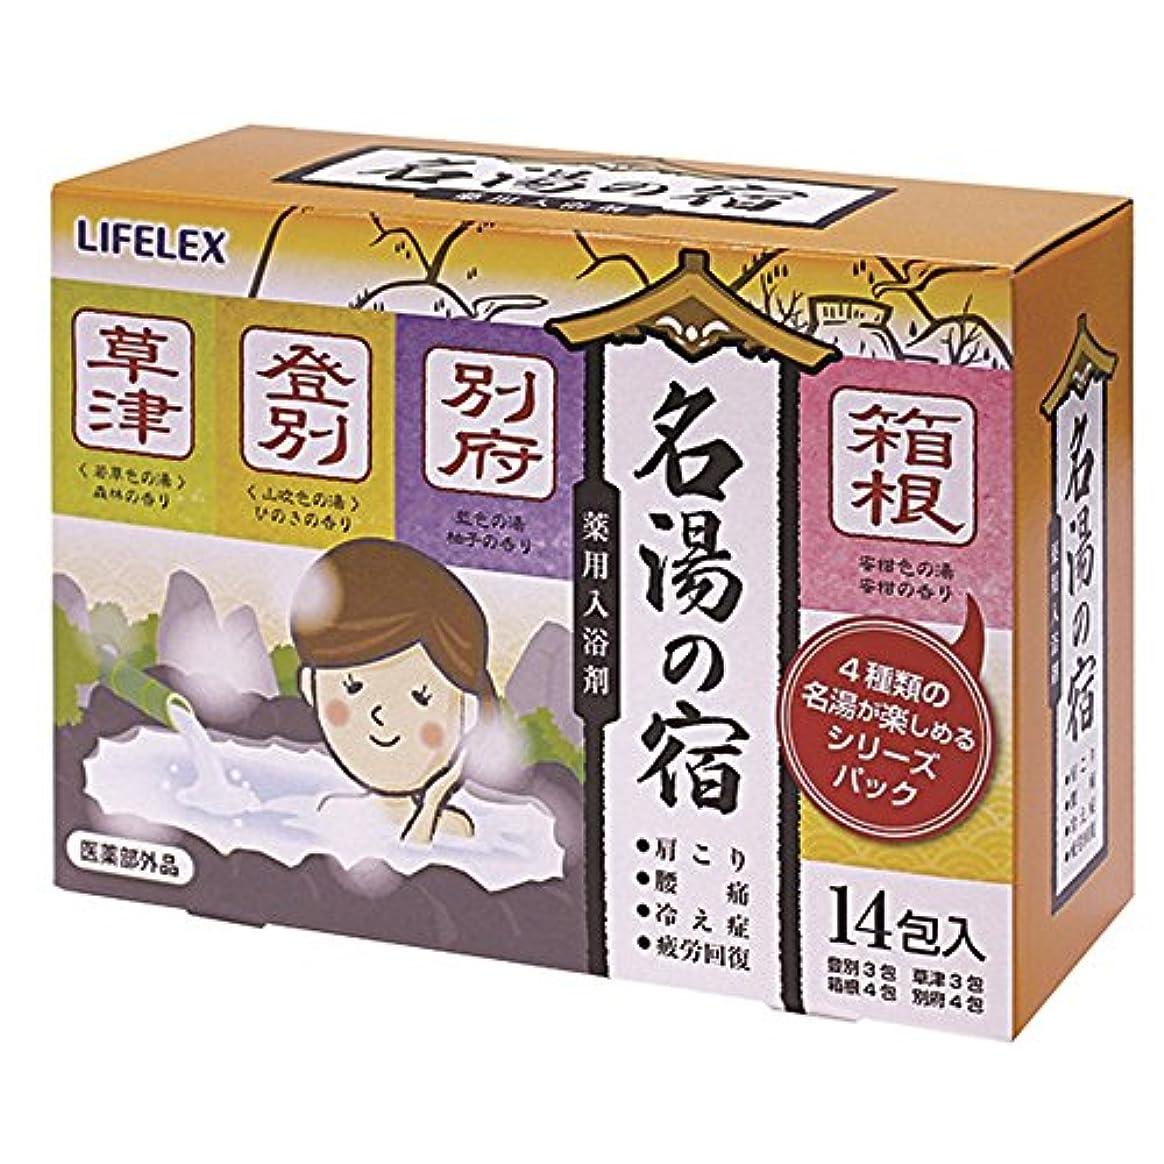 無限心理的に等価コーナン オリジナル LIFELEX 名湯の宿 薬用入浴剤 14包入